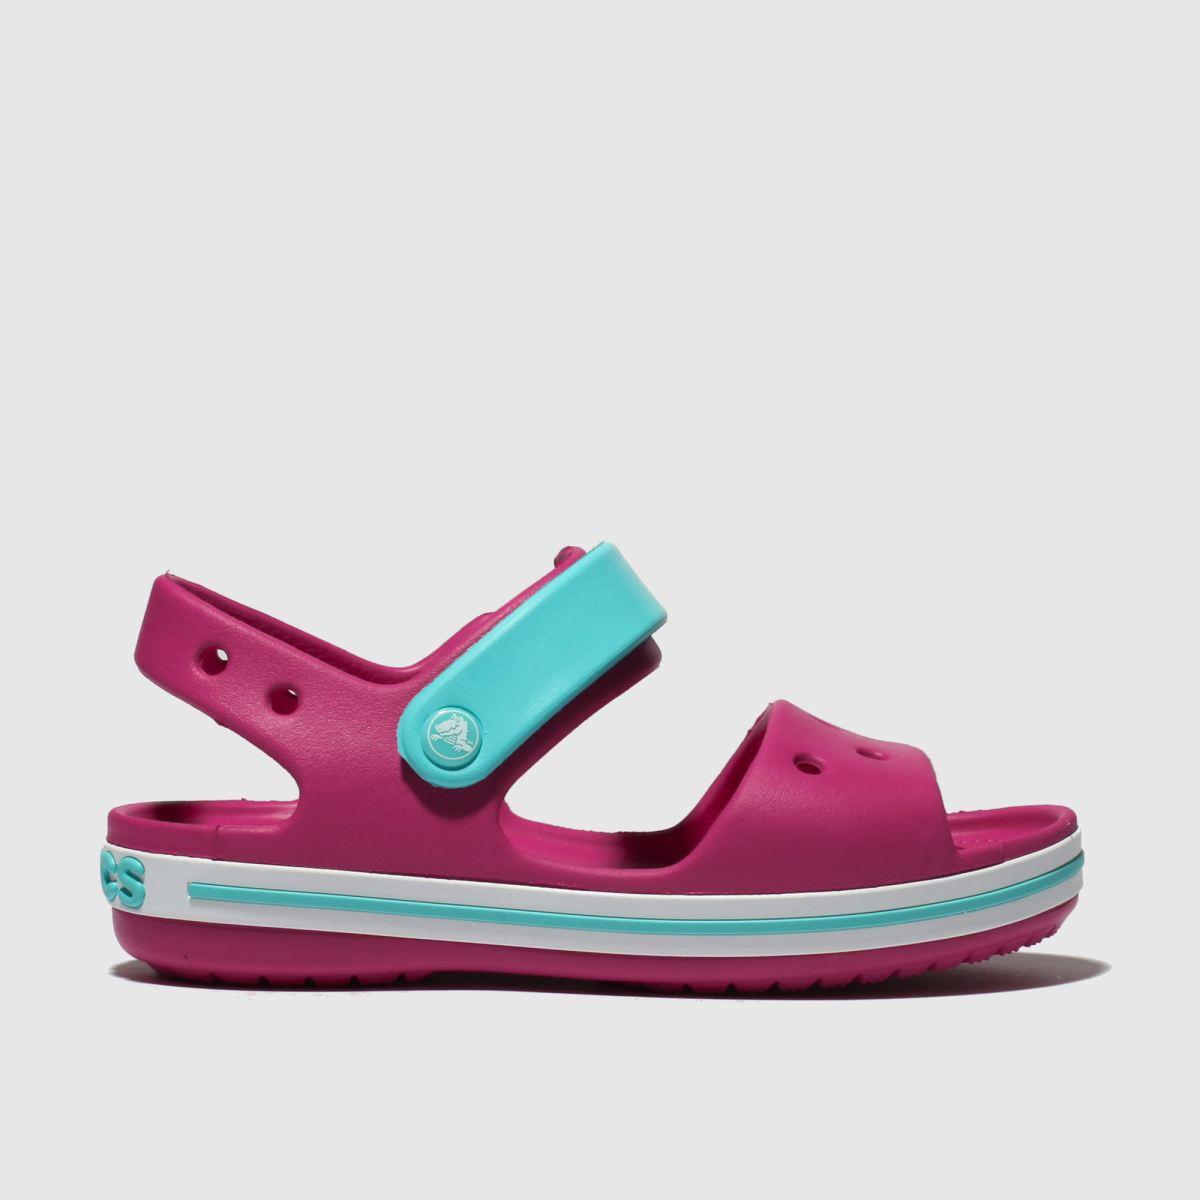 Crocs Pink Crocband Sandals Toddler